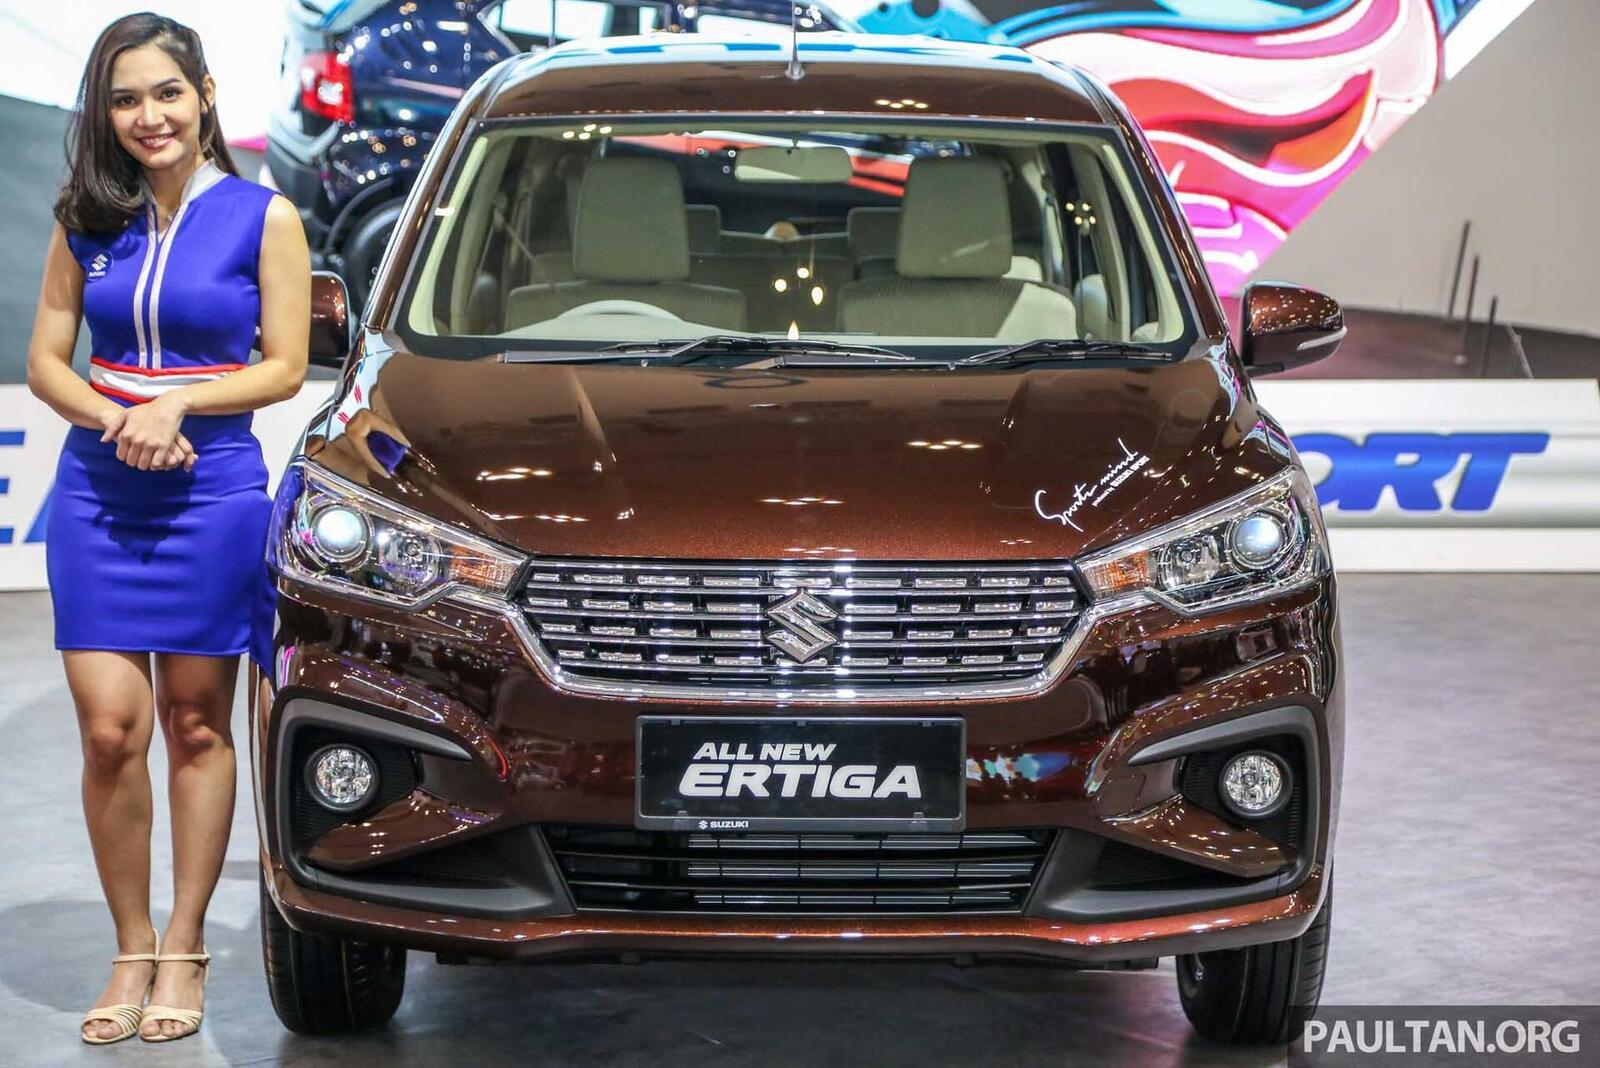 Suzuki Ertiga thế hệ sẽ về Việt Nam trong năm nay; cạnh tranh với Rush và Xpander - Hình 2